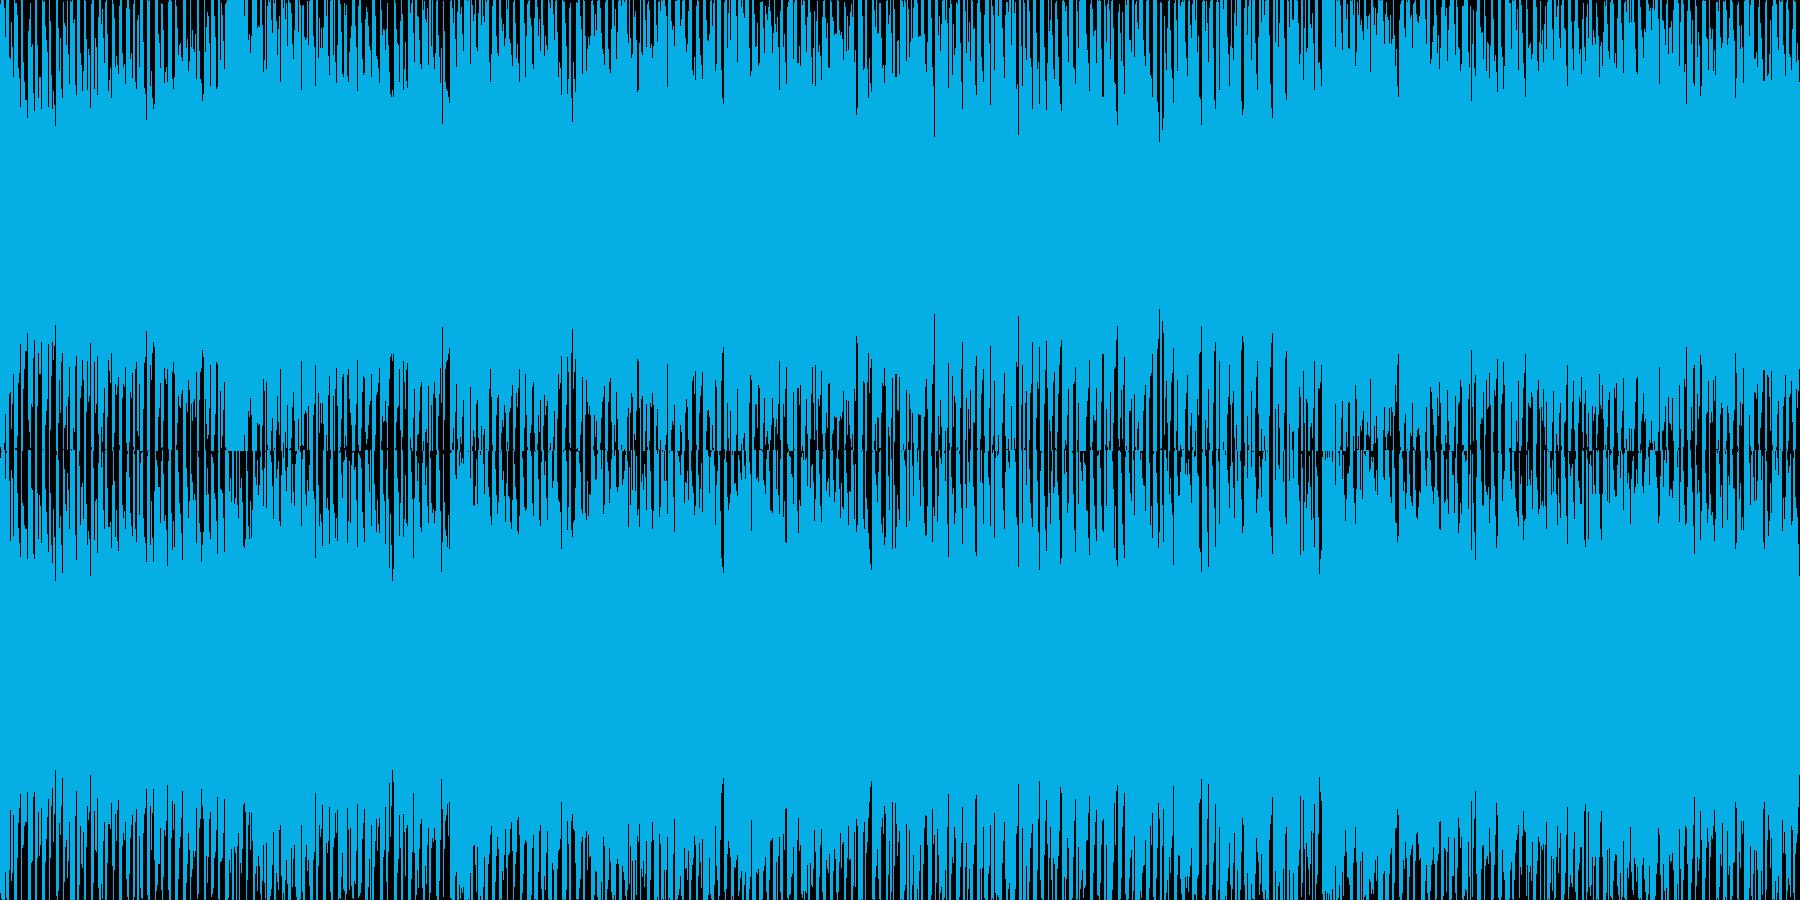 近未来を感じさせるEDMの再生済みの波形